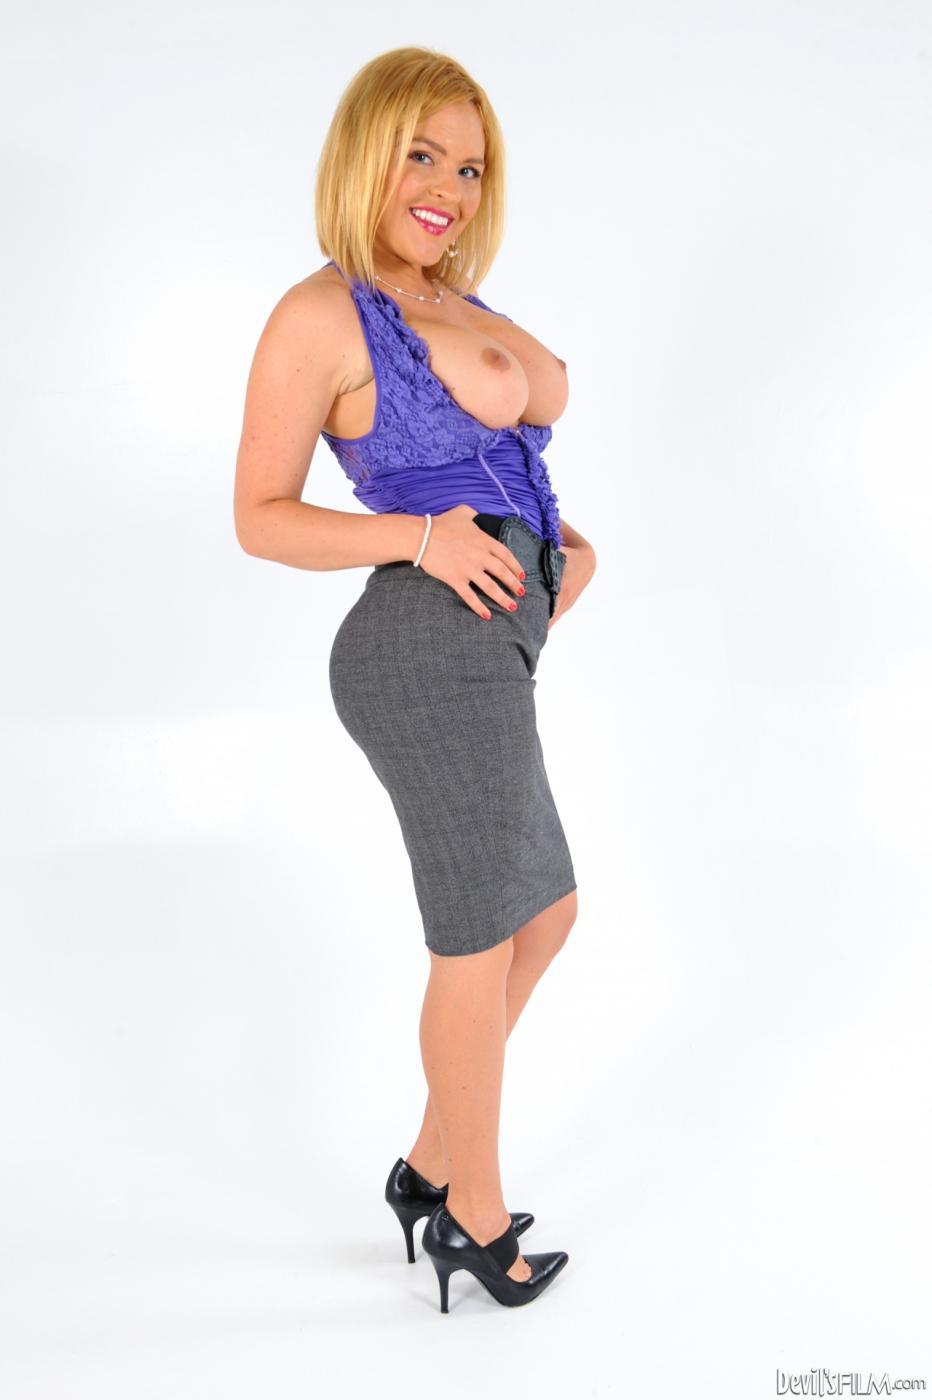 Сисястая светловолосая девушка Крисси Линн спускает свой офисный костюм и снимается раздетой для тебя